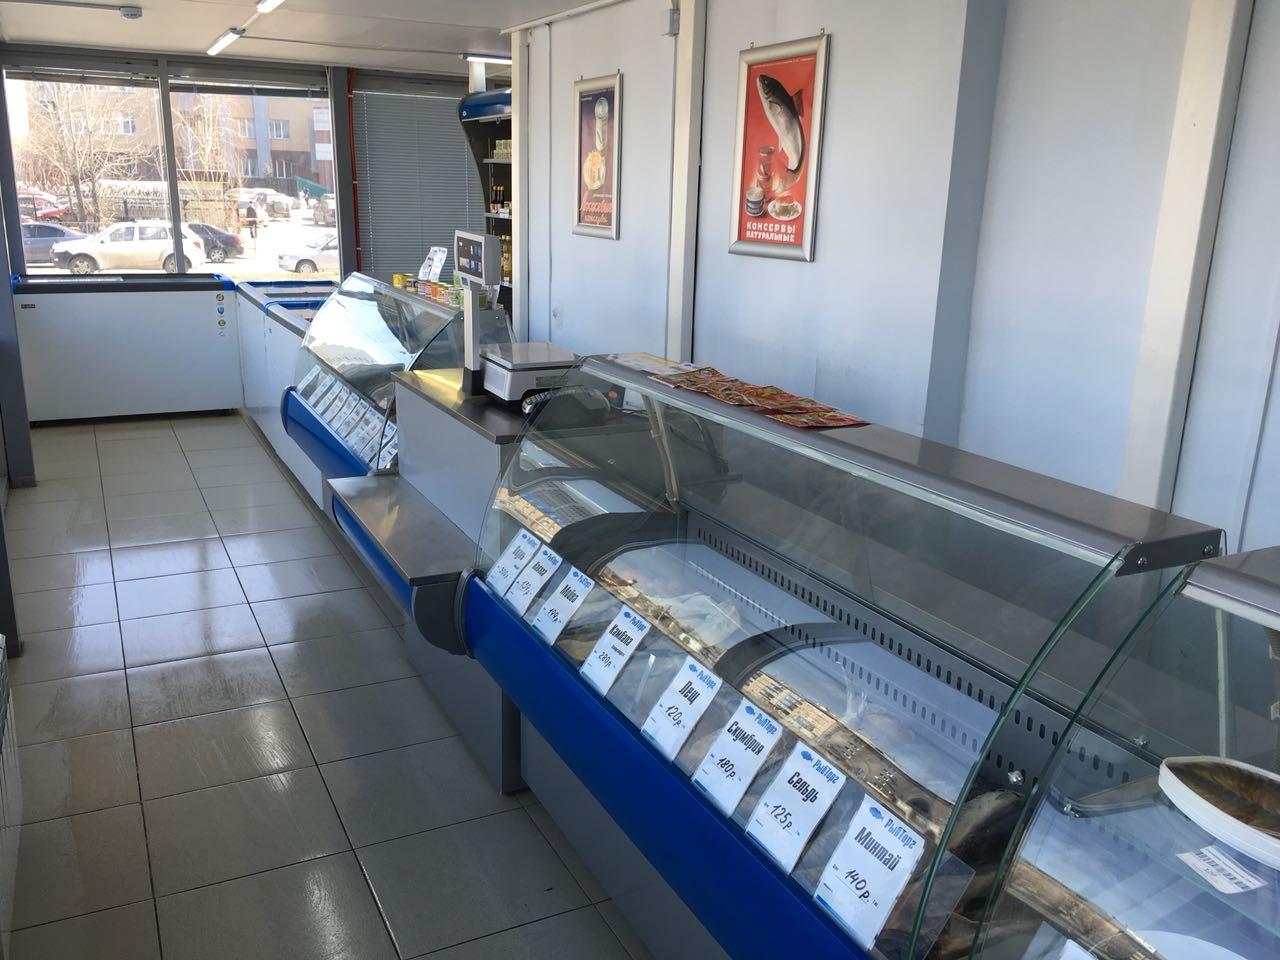 проверка дисбаланса фирменные рыбные магазины фото принесла вам самый